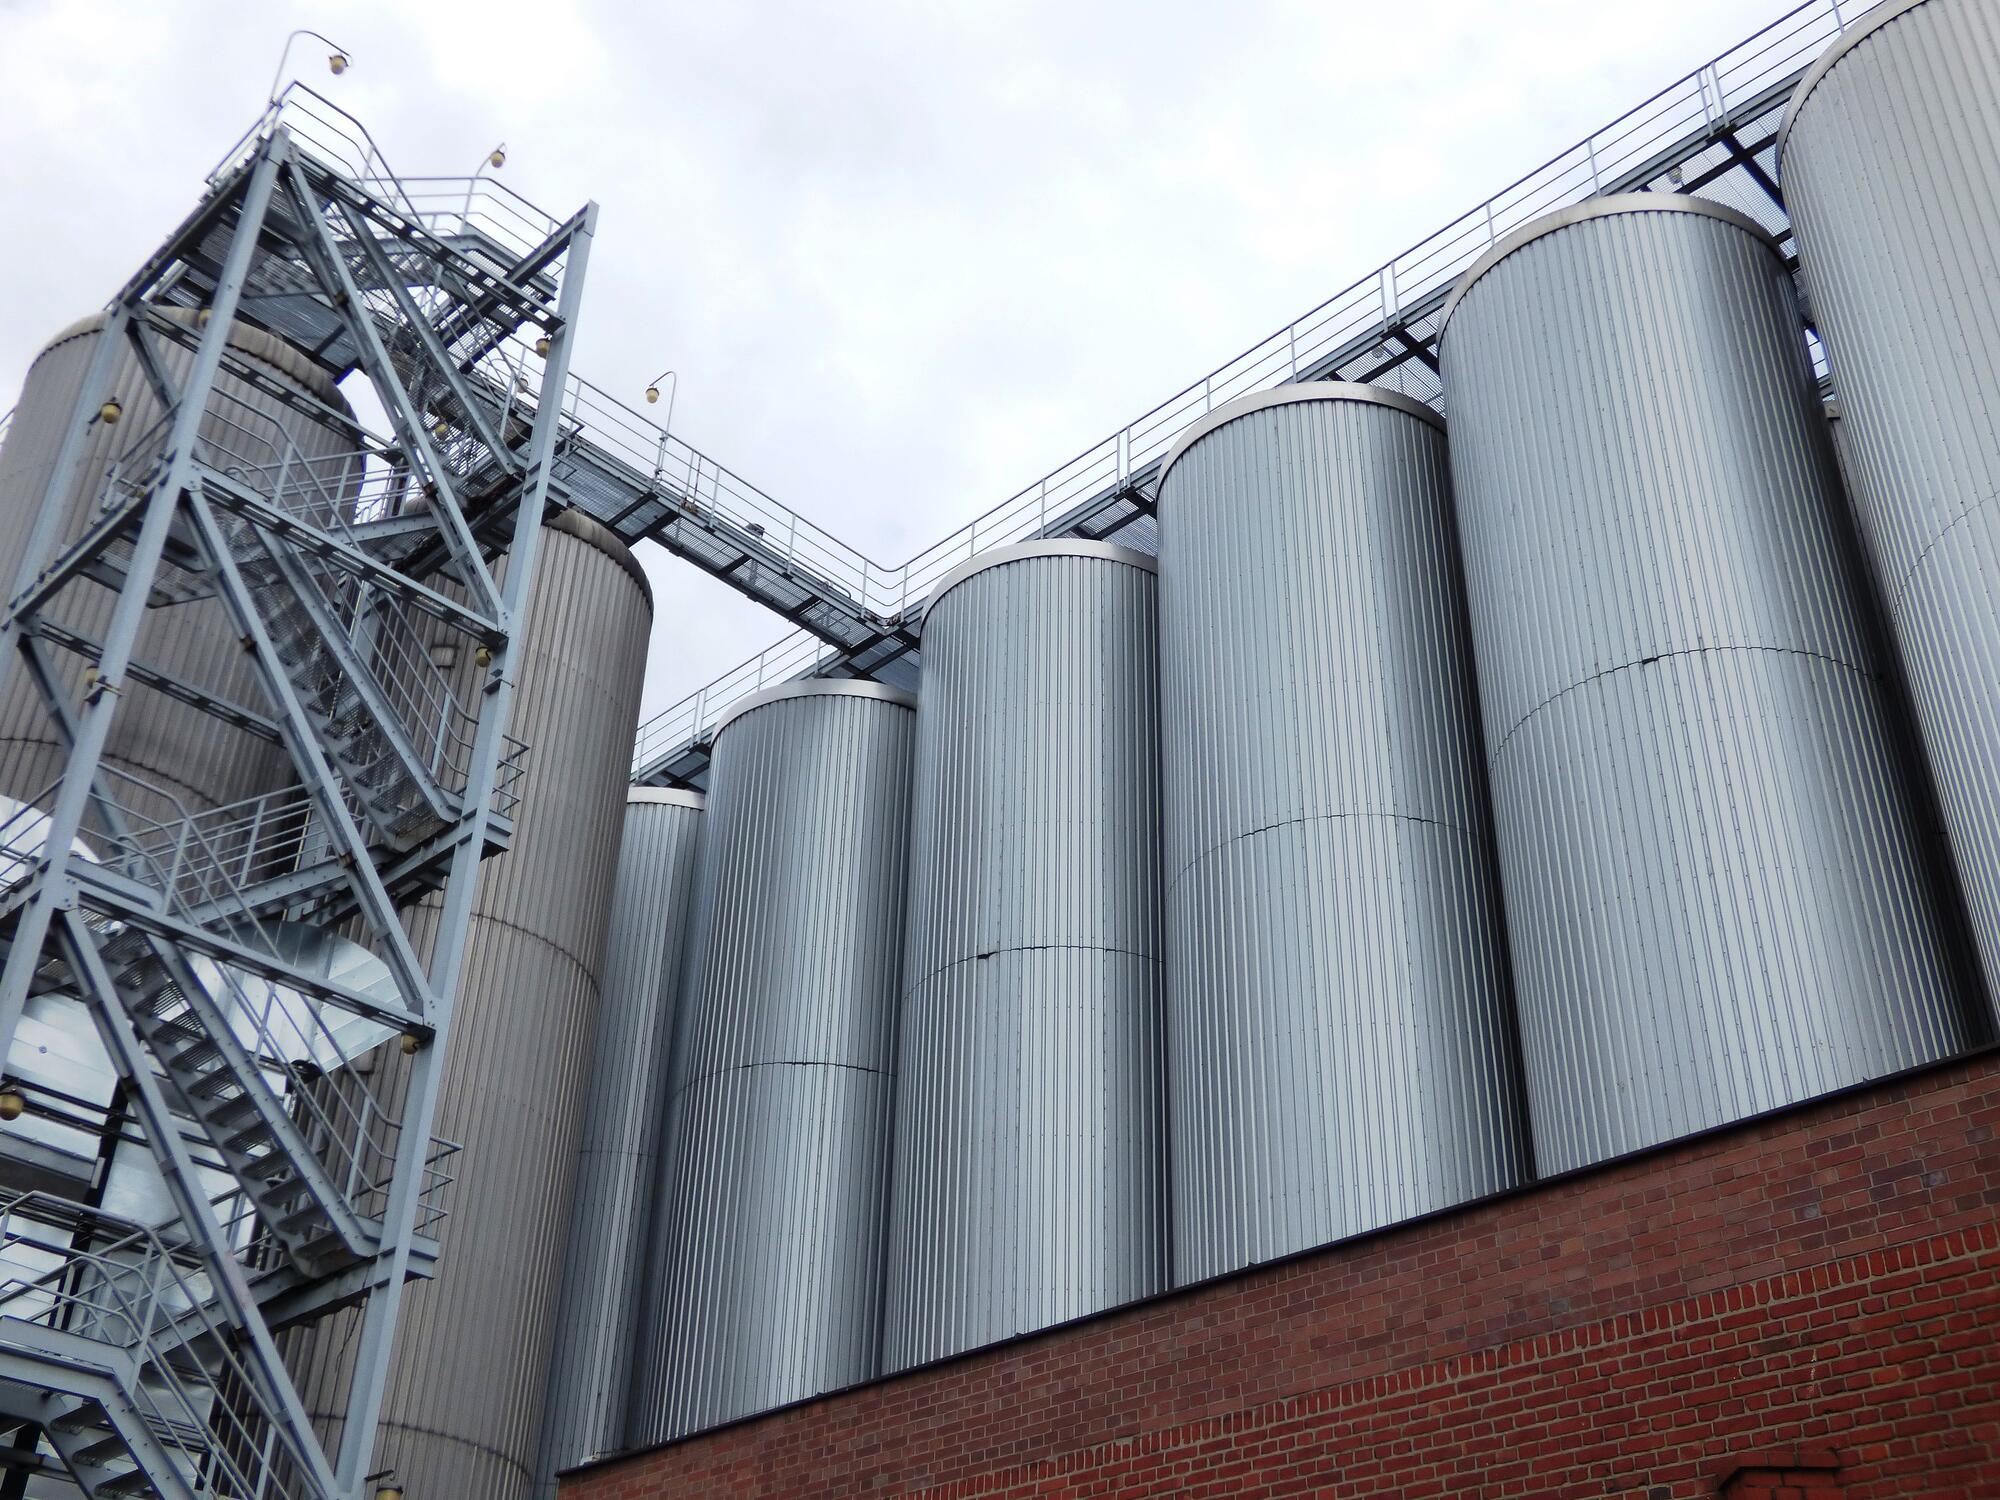 Aislamiento de silos poliuretano